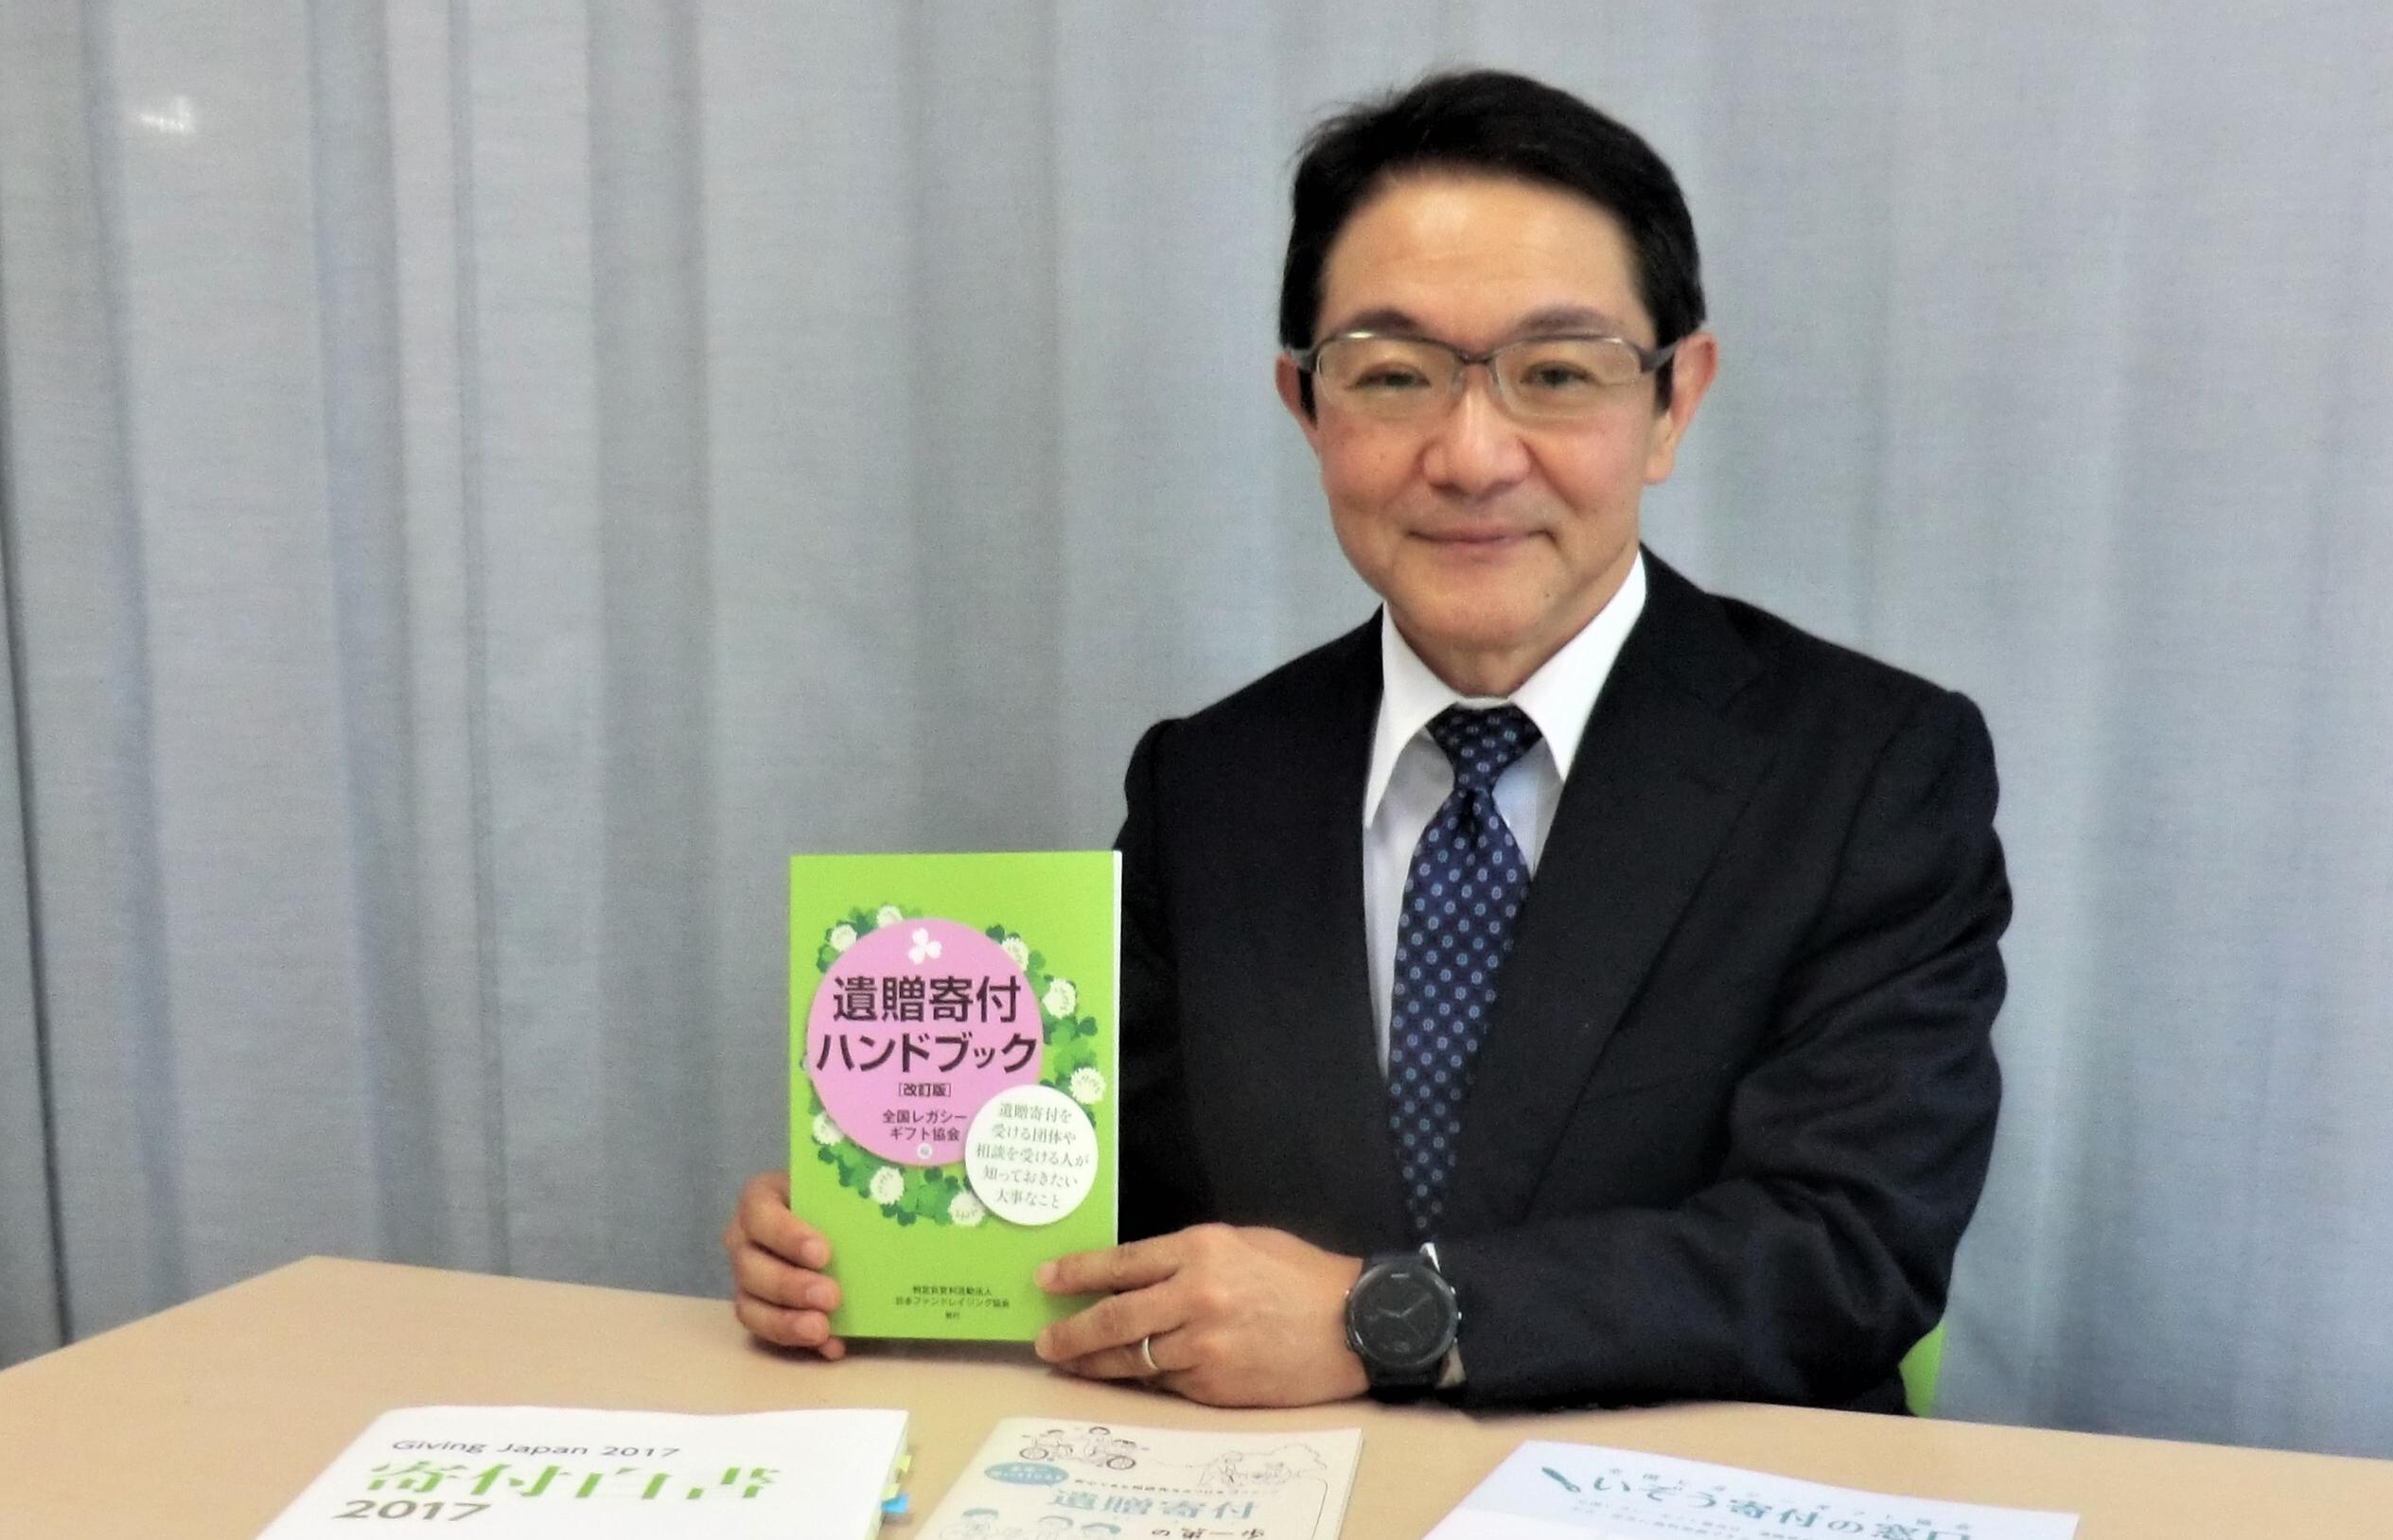 齋藤さんが遺贈寄付のハンドブックを手に微笑んでいる